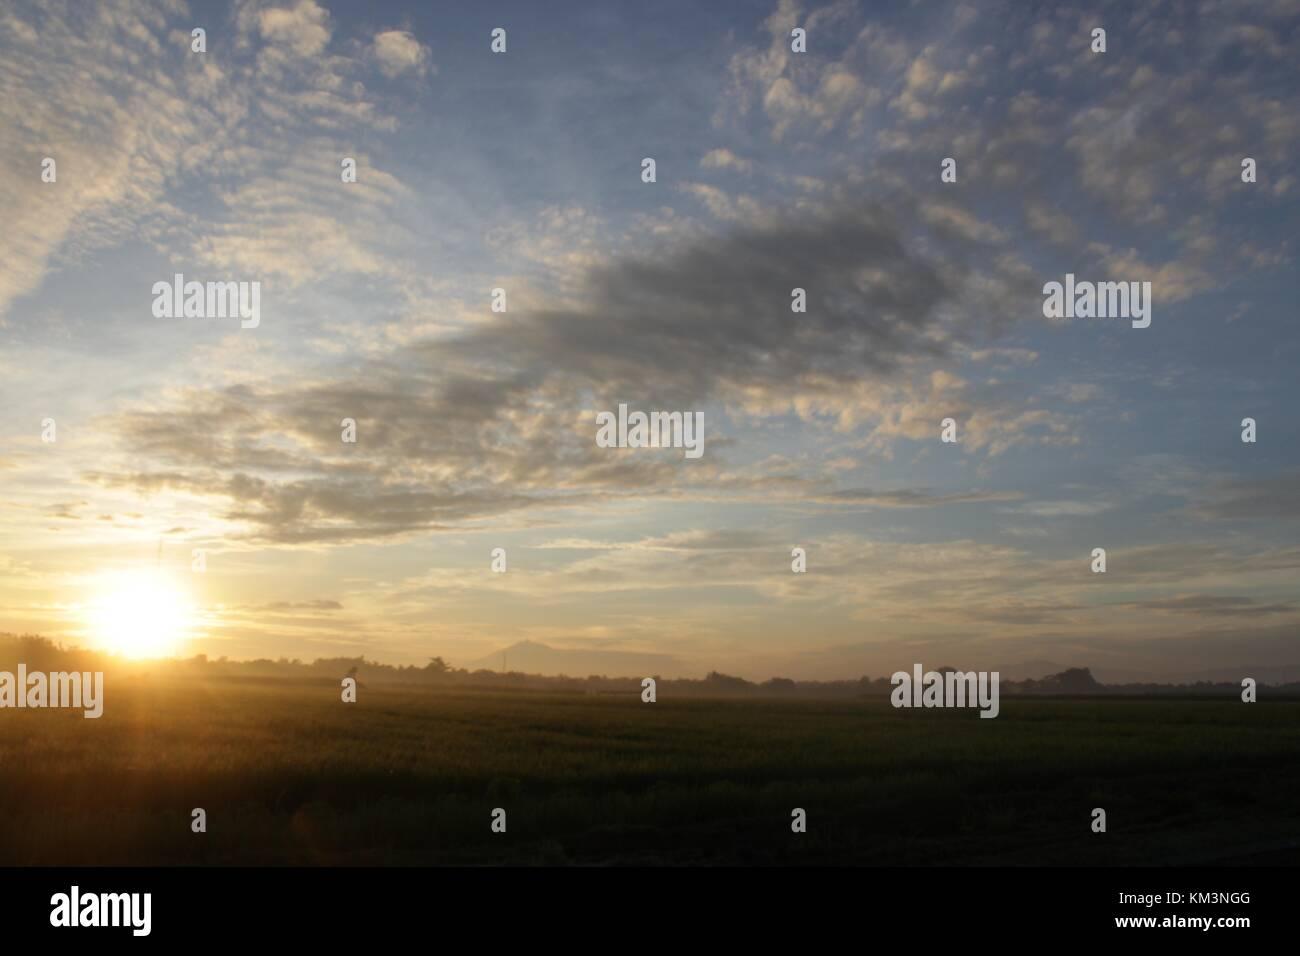 Pagi yang indah di desaku. menikmati yang indah, Rani, hangat dan penuh. cinta maka nikmat tuhan lagi mana yang Photo Stock